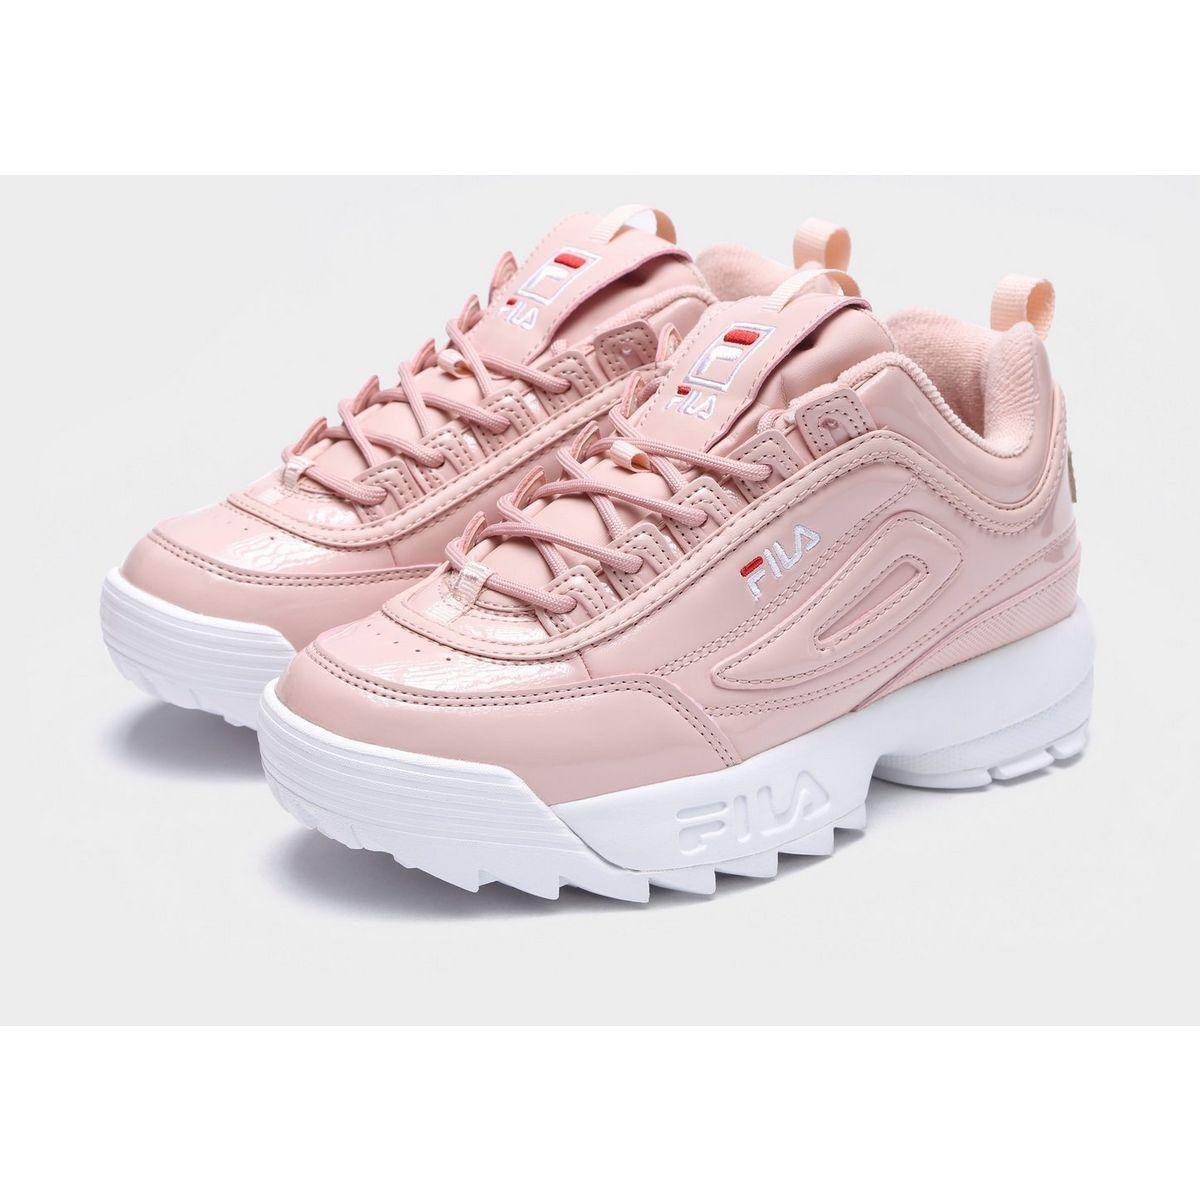 Fila Disruptor II para mujer | Zapatos en 2019 | Zapatos ...